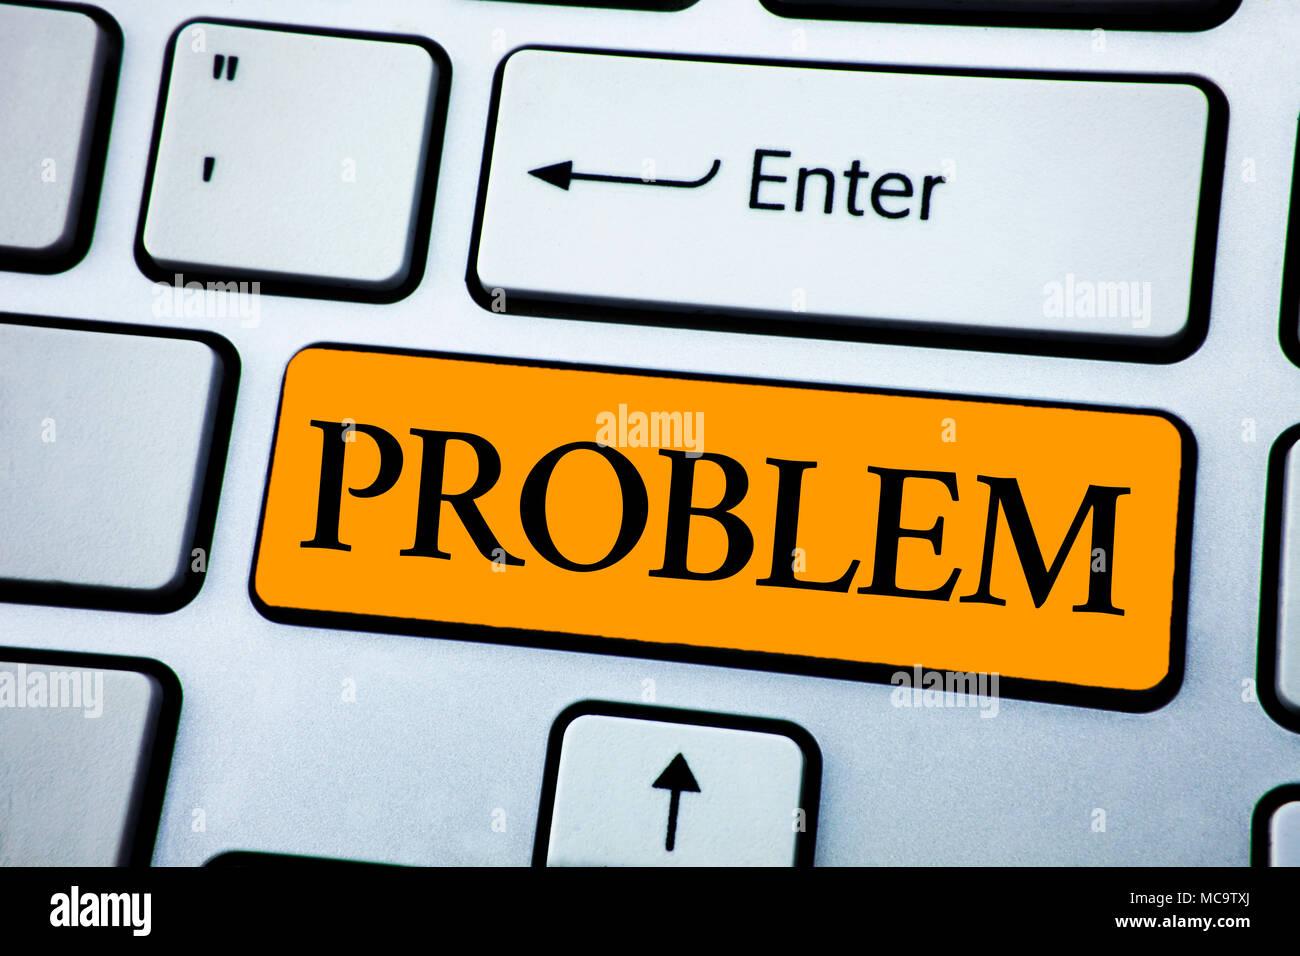 Texte de l'écriture Problème. Le concept de sens qui doivent être résolus Situation difficile Complication written Touche Orange Clavier Blanc Bouton wit Photo Stock